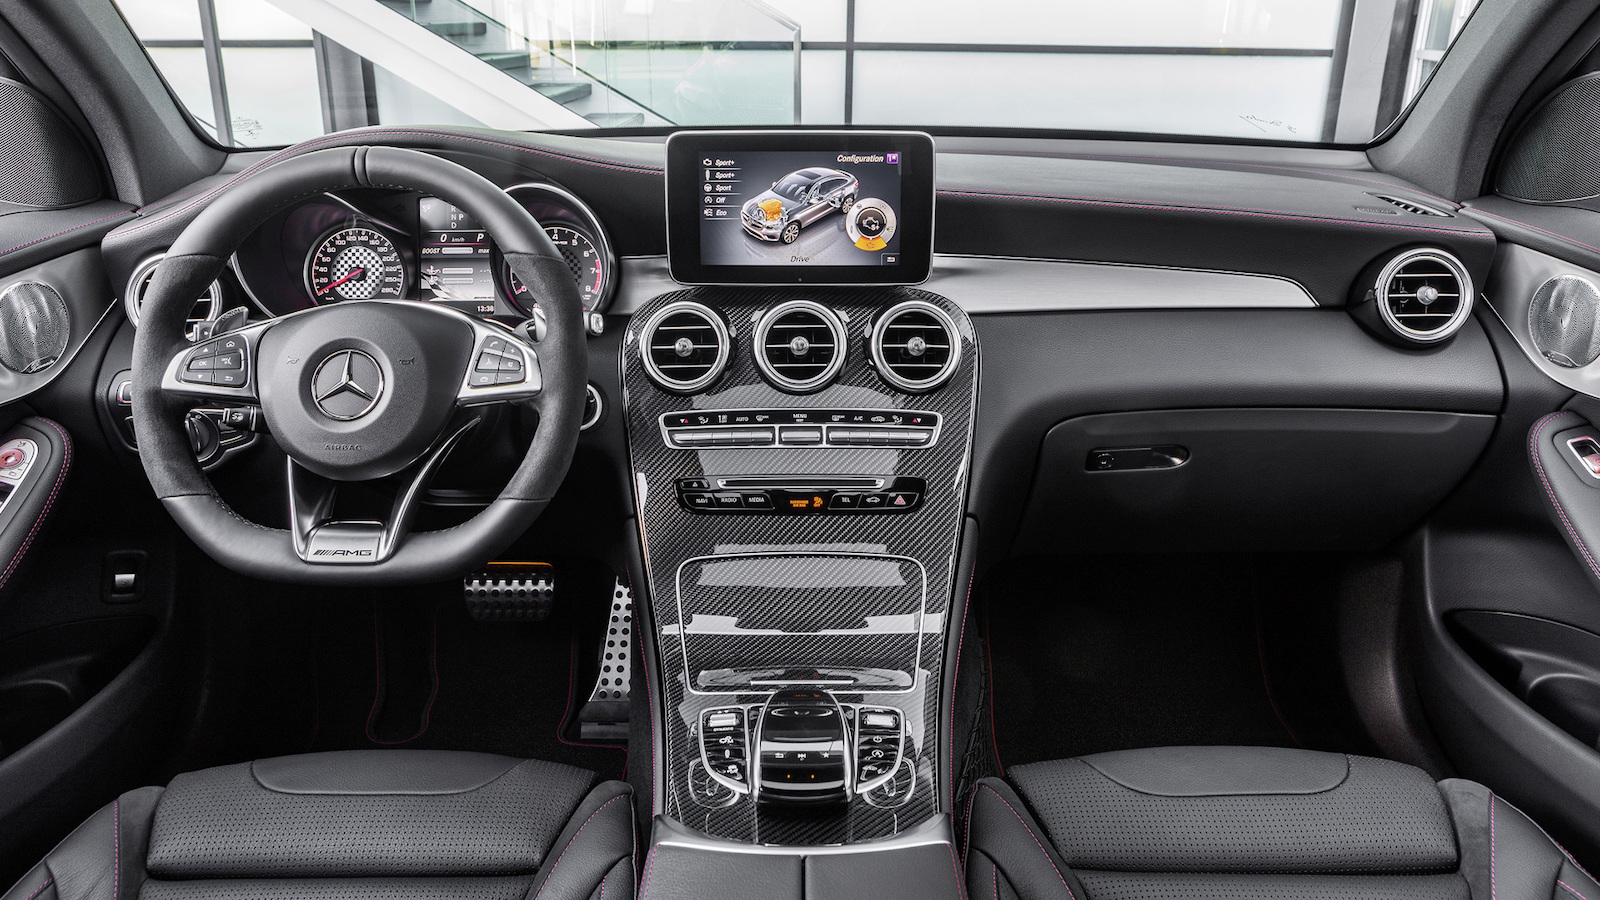 Mercedes-AMG GLC 43 Coupe revealed, 270kW turbo ...